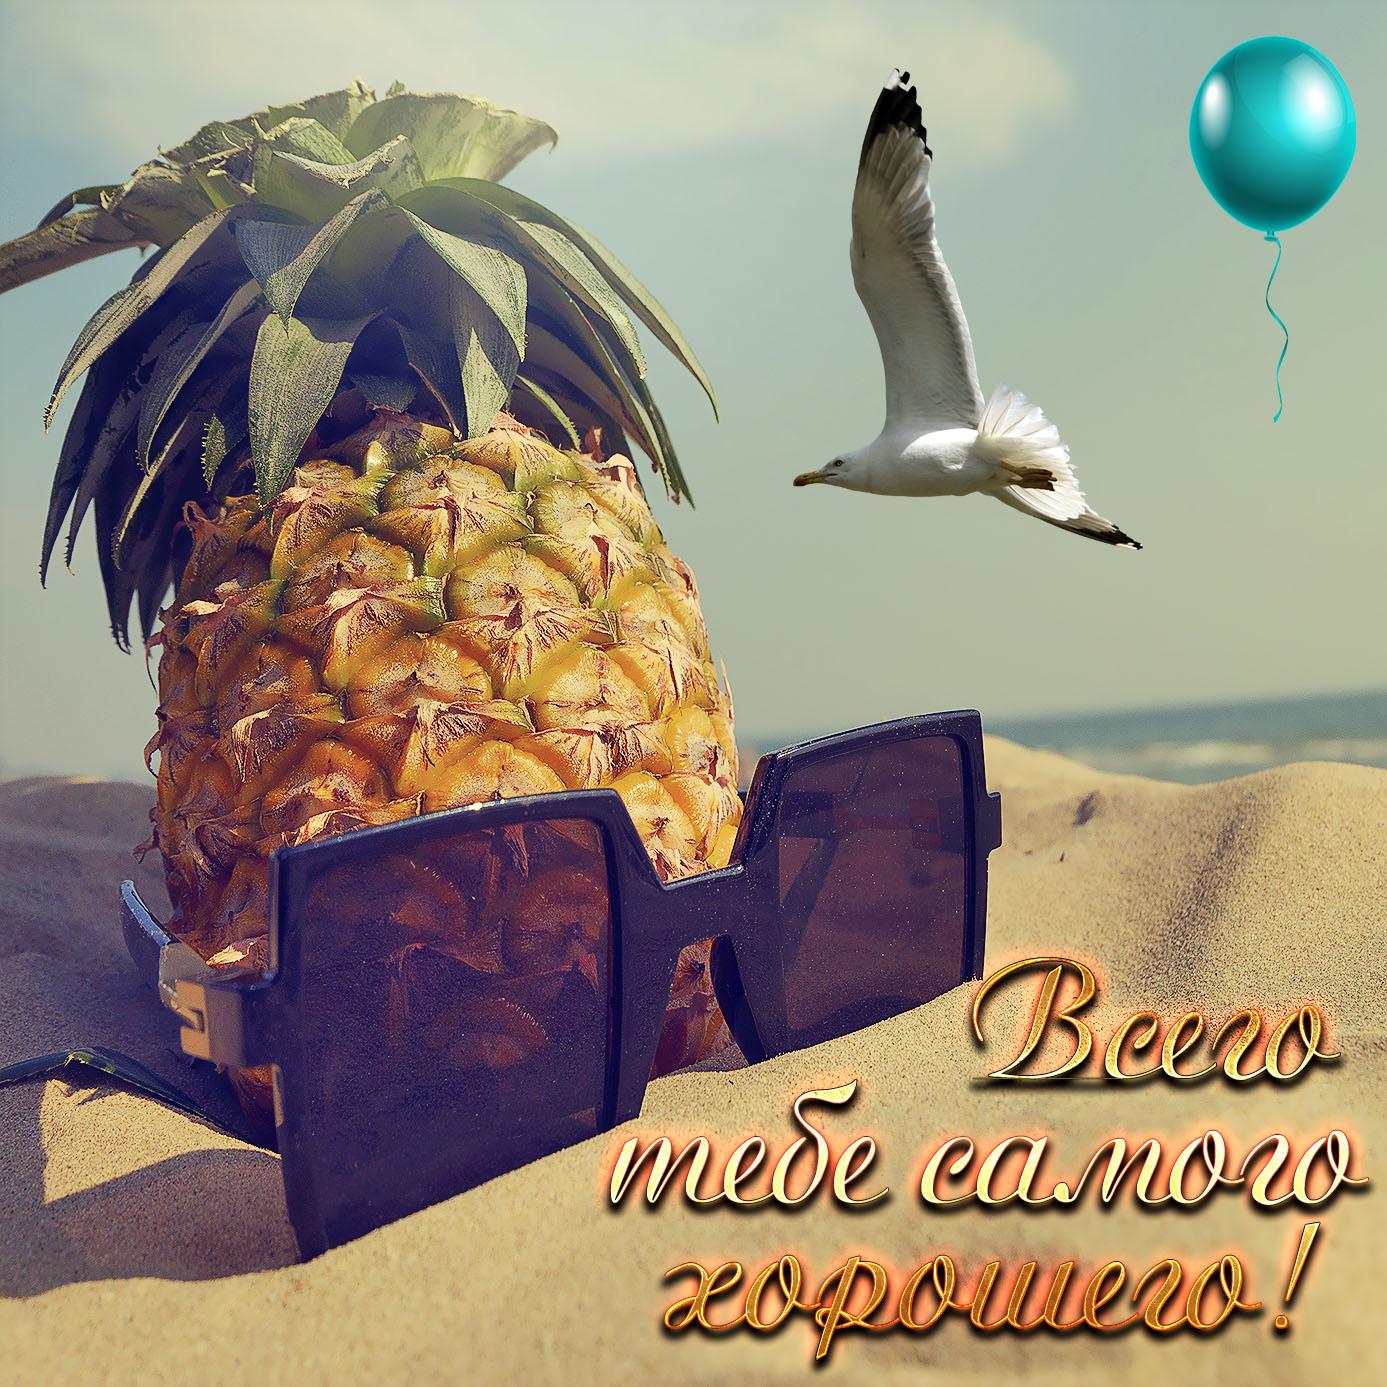 Открытка всего хорошего с ананасом